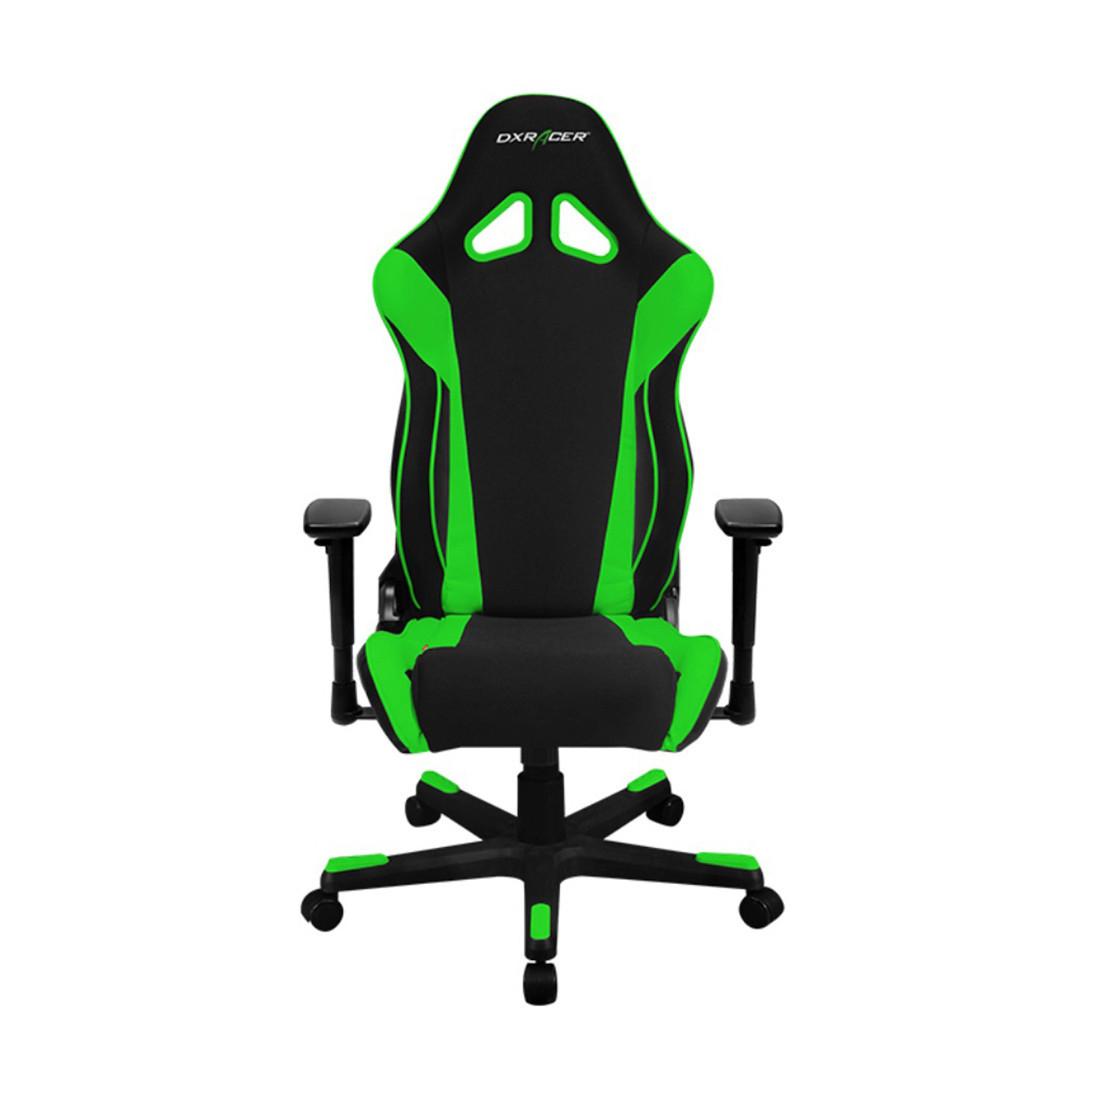 Кресло игровое DXRacer R106, Нагрузка (max): 120 кг, Подлокотники, Подголовник, Вентиляция, Цвет: Чёрно-зелёны